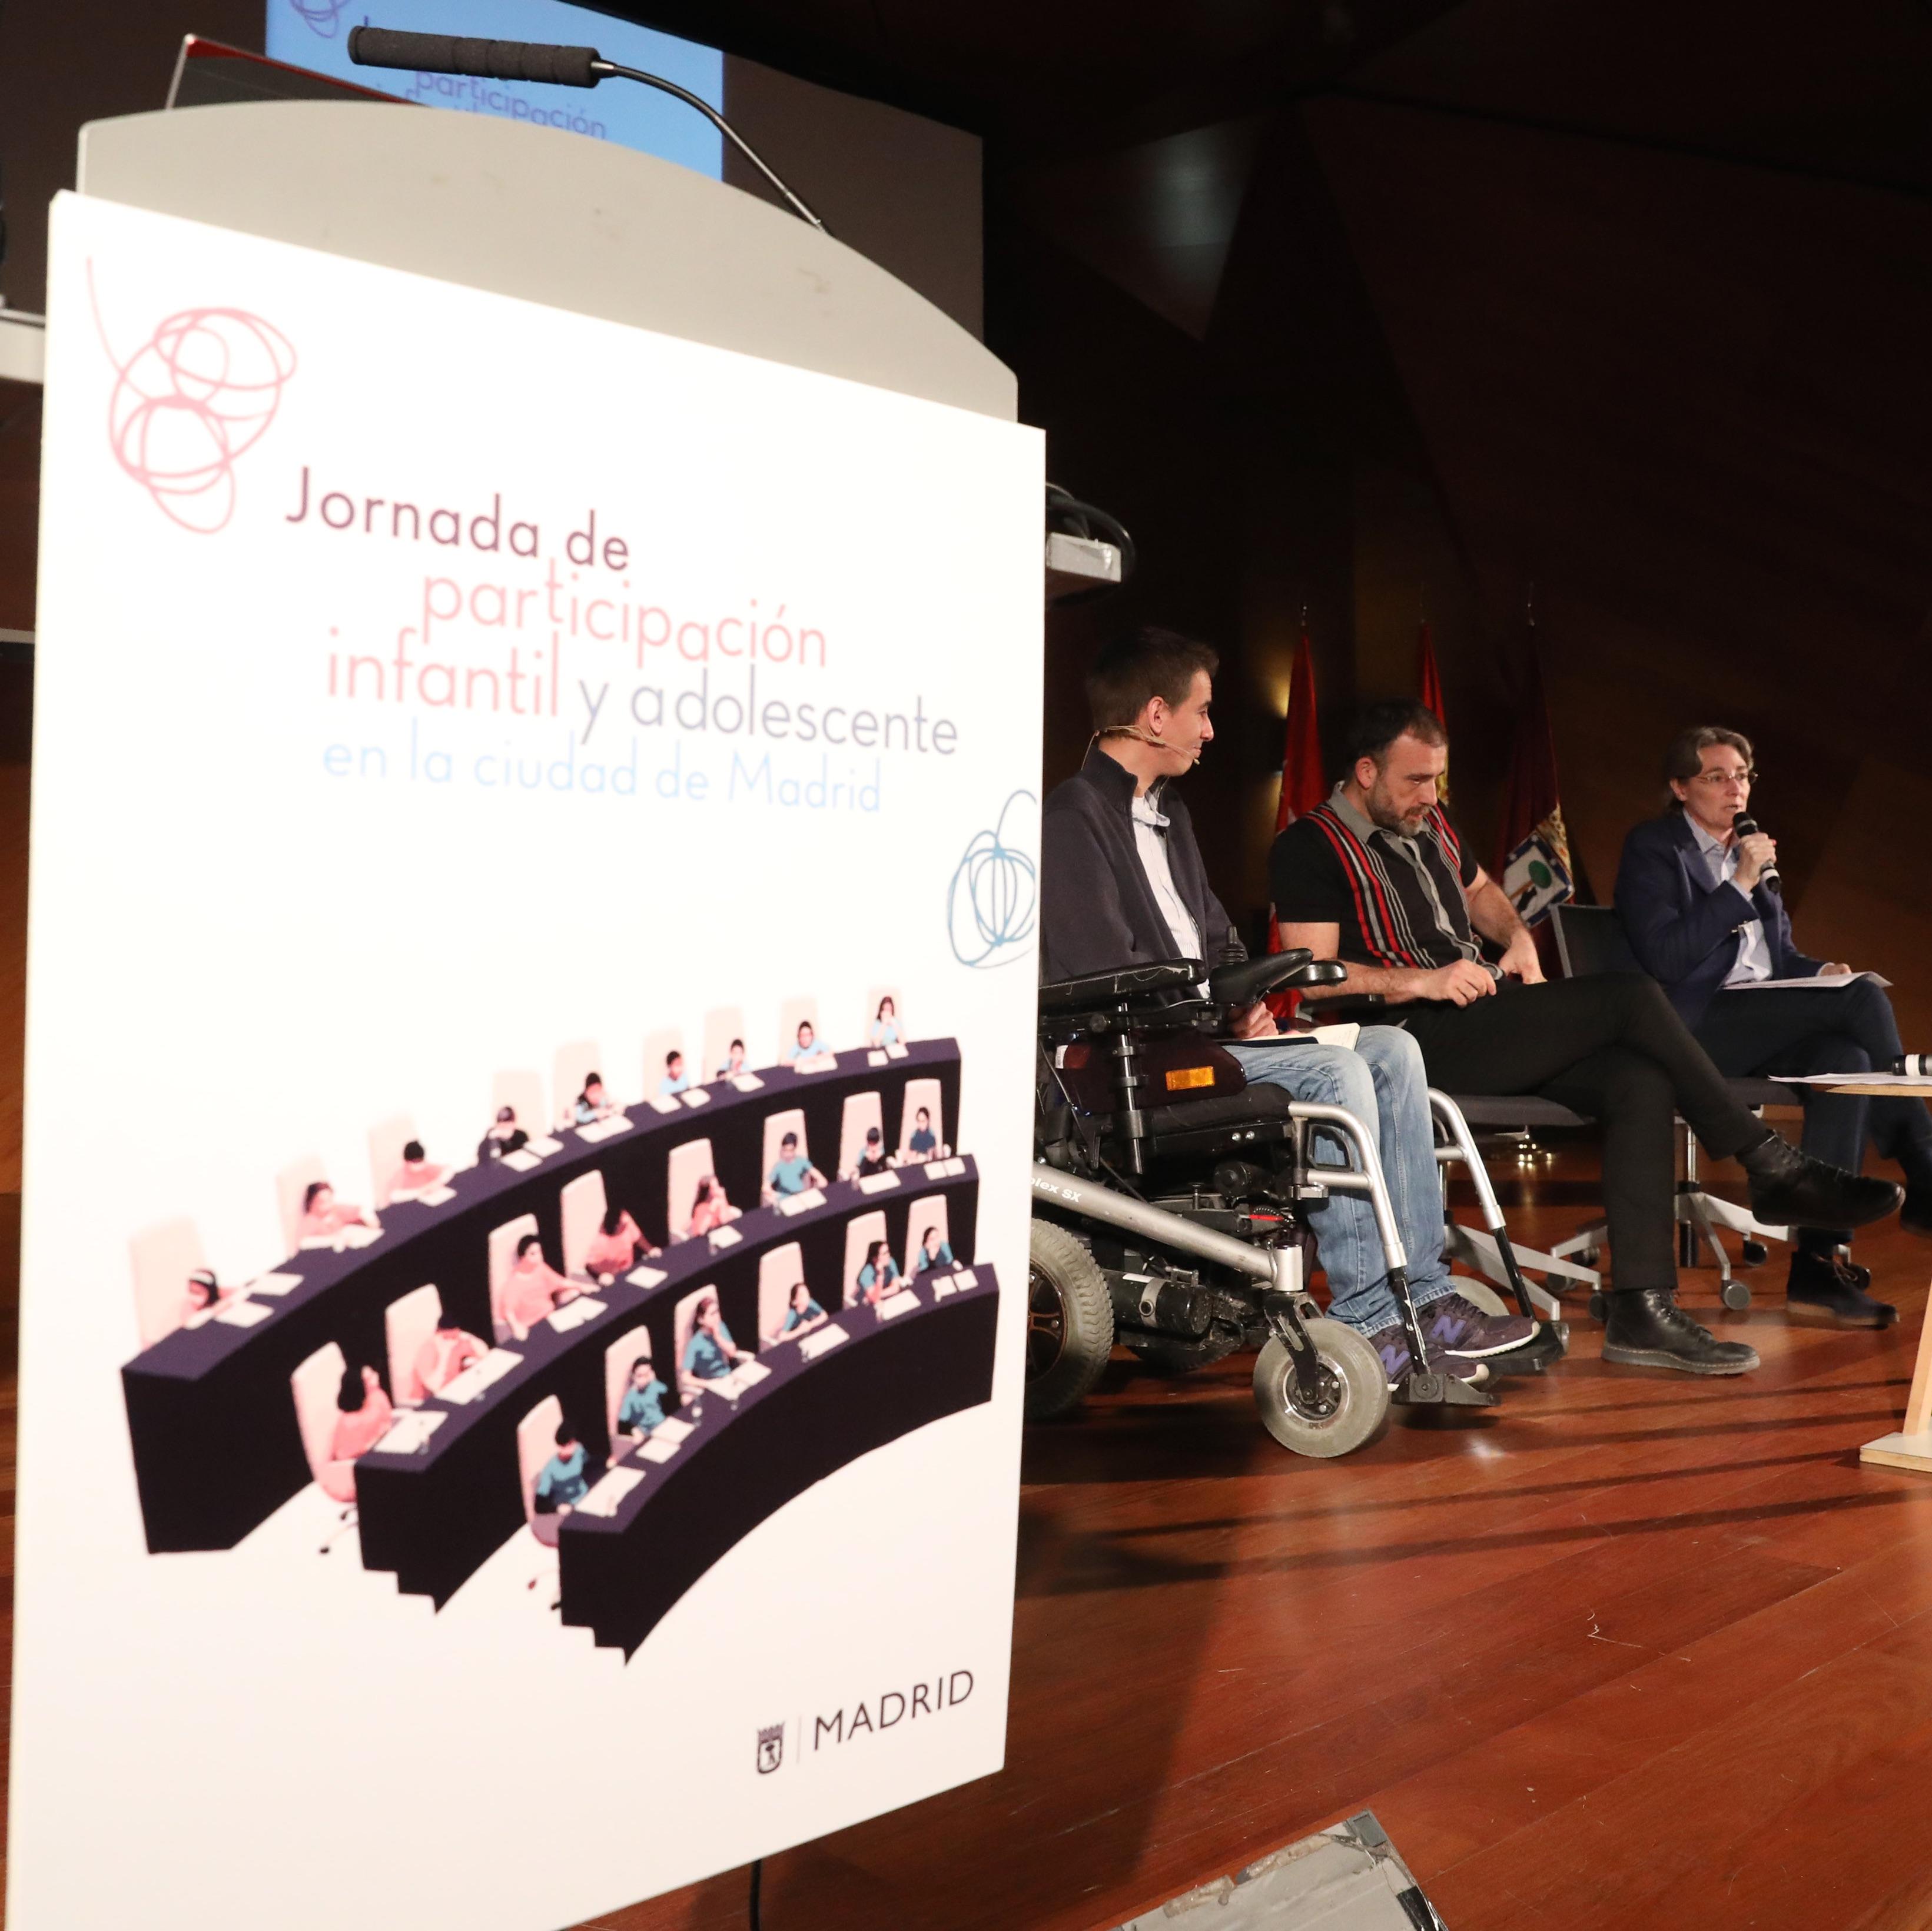 Madrid señala el camino hacia la participación infantil